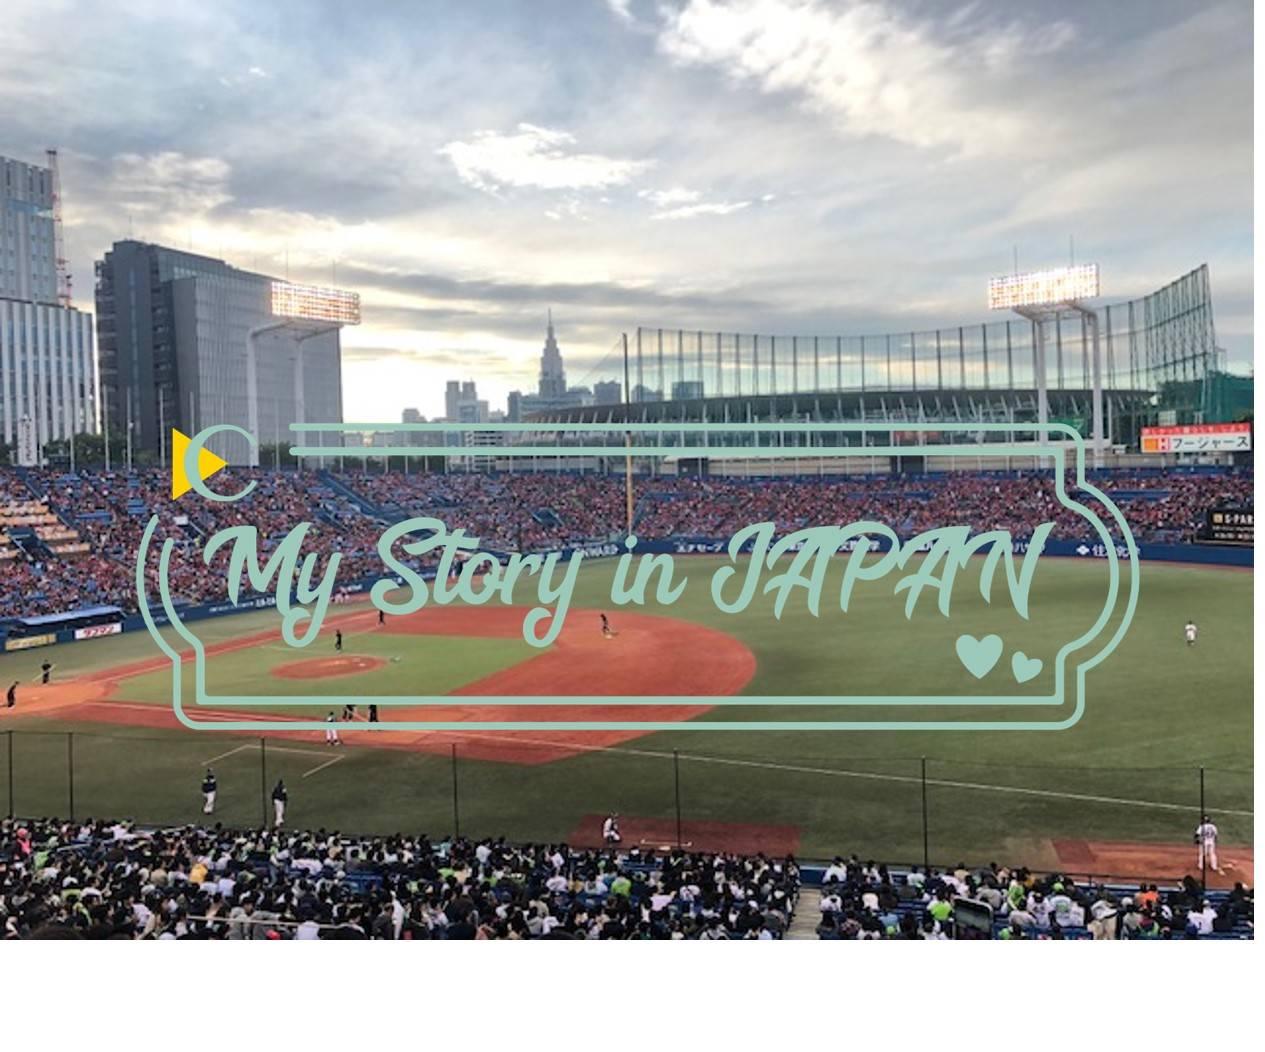 【我的日本生活物語】嗨起來就唱國歌?!到東京神宮球場熱血看棒球去!